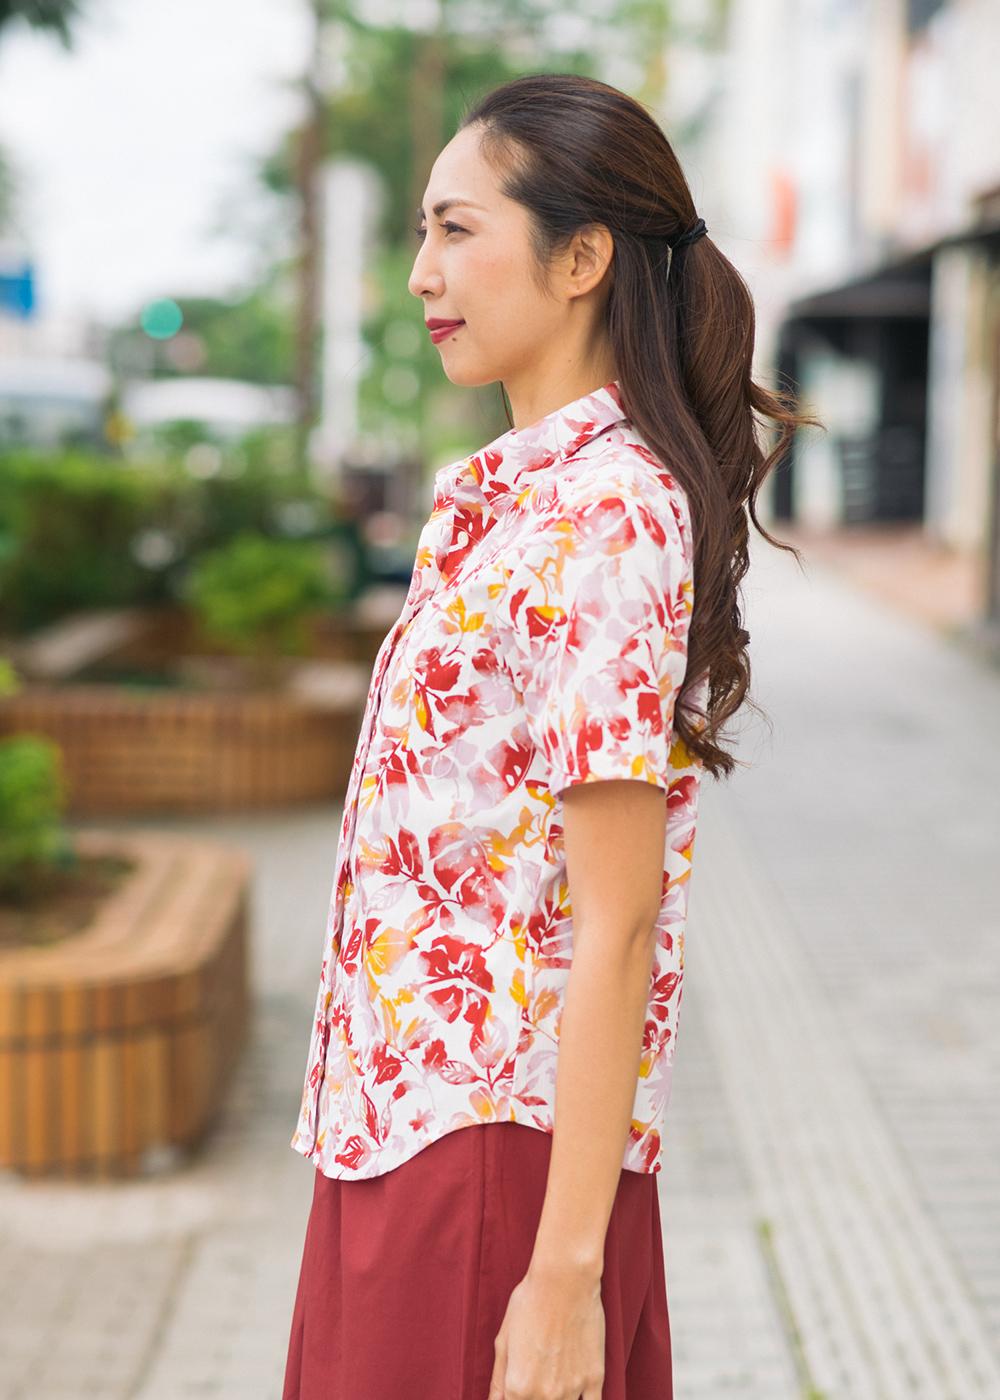 かりゆしウェア(沖縄版アロハシャツ) MAJUN - ウォーターガーデン